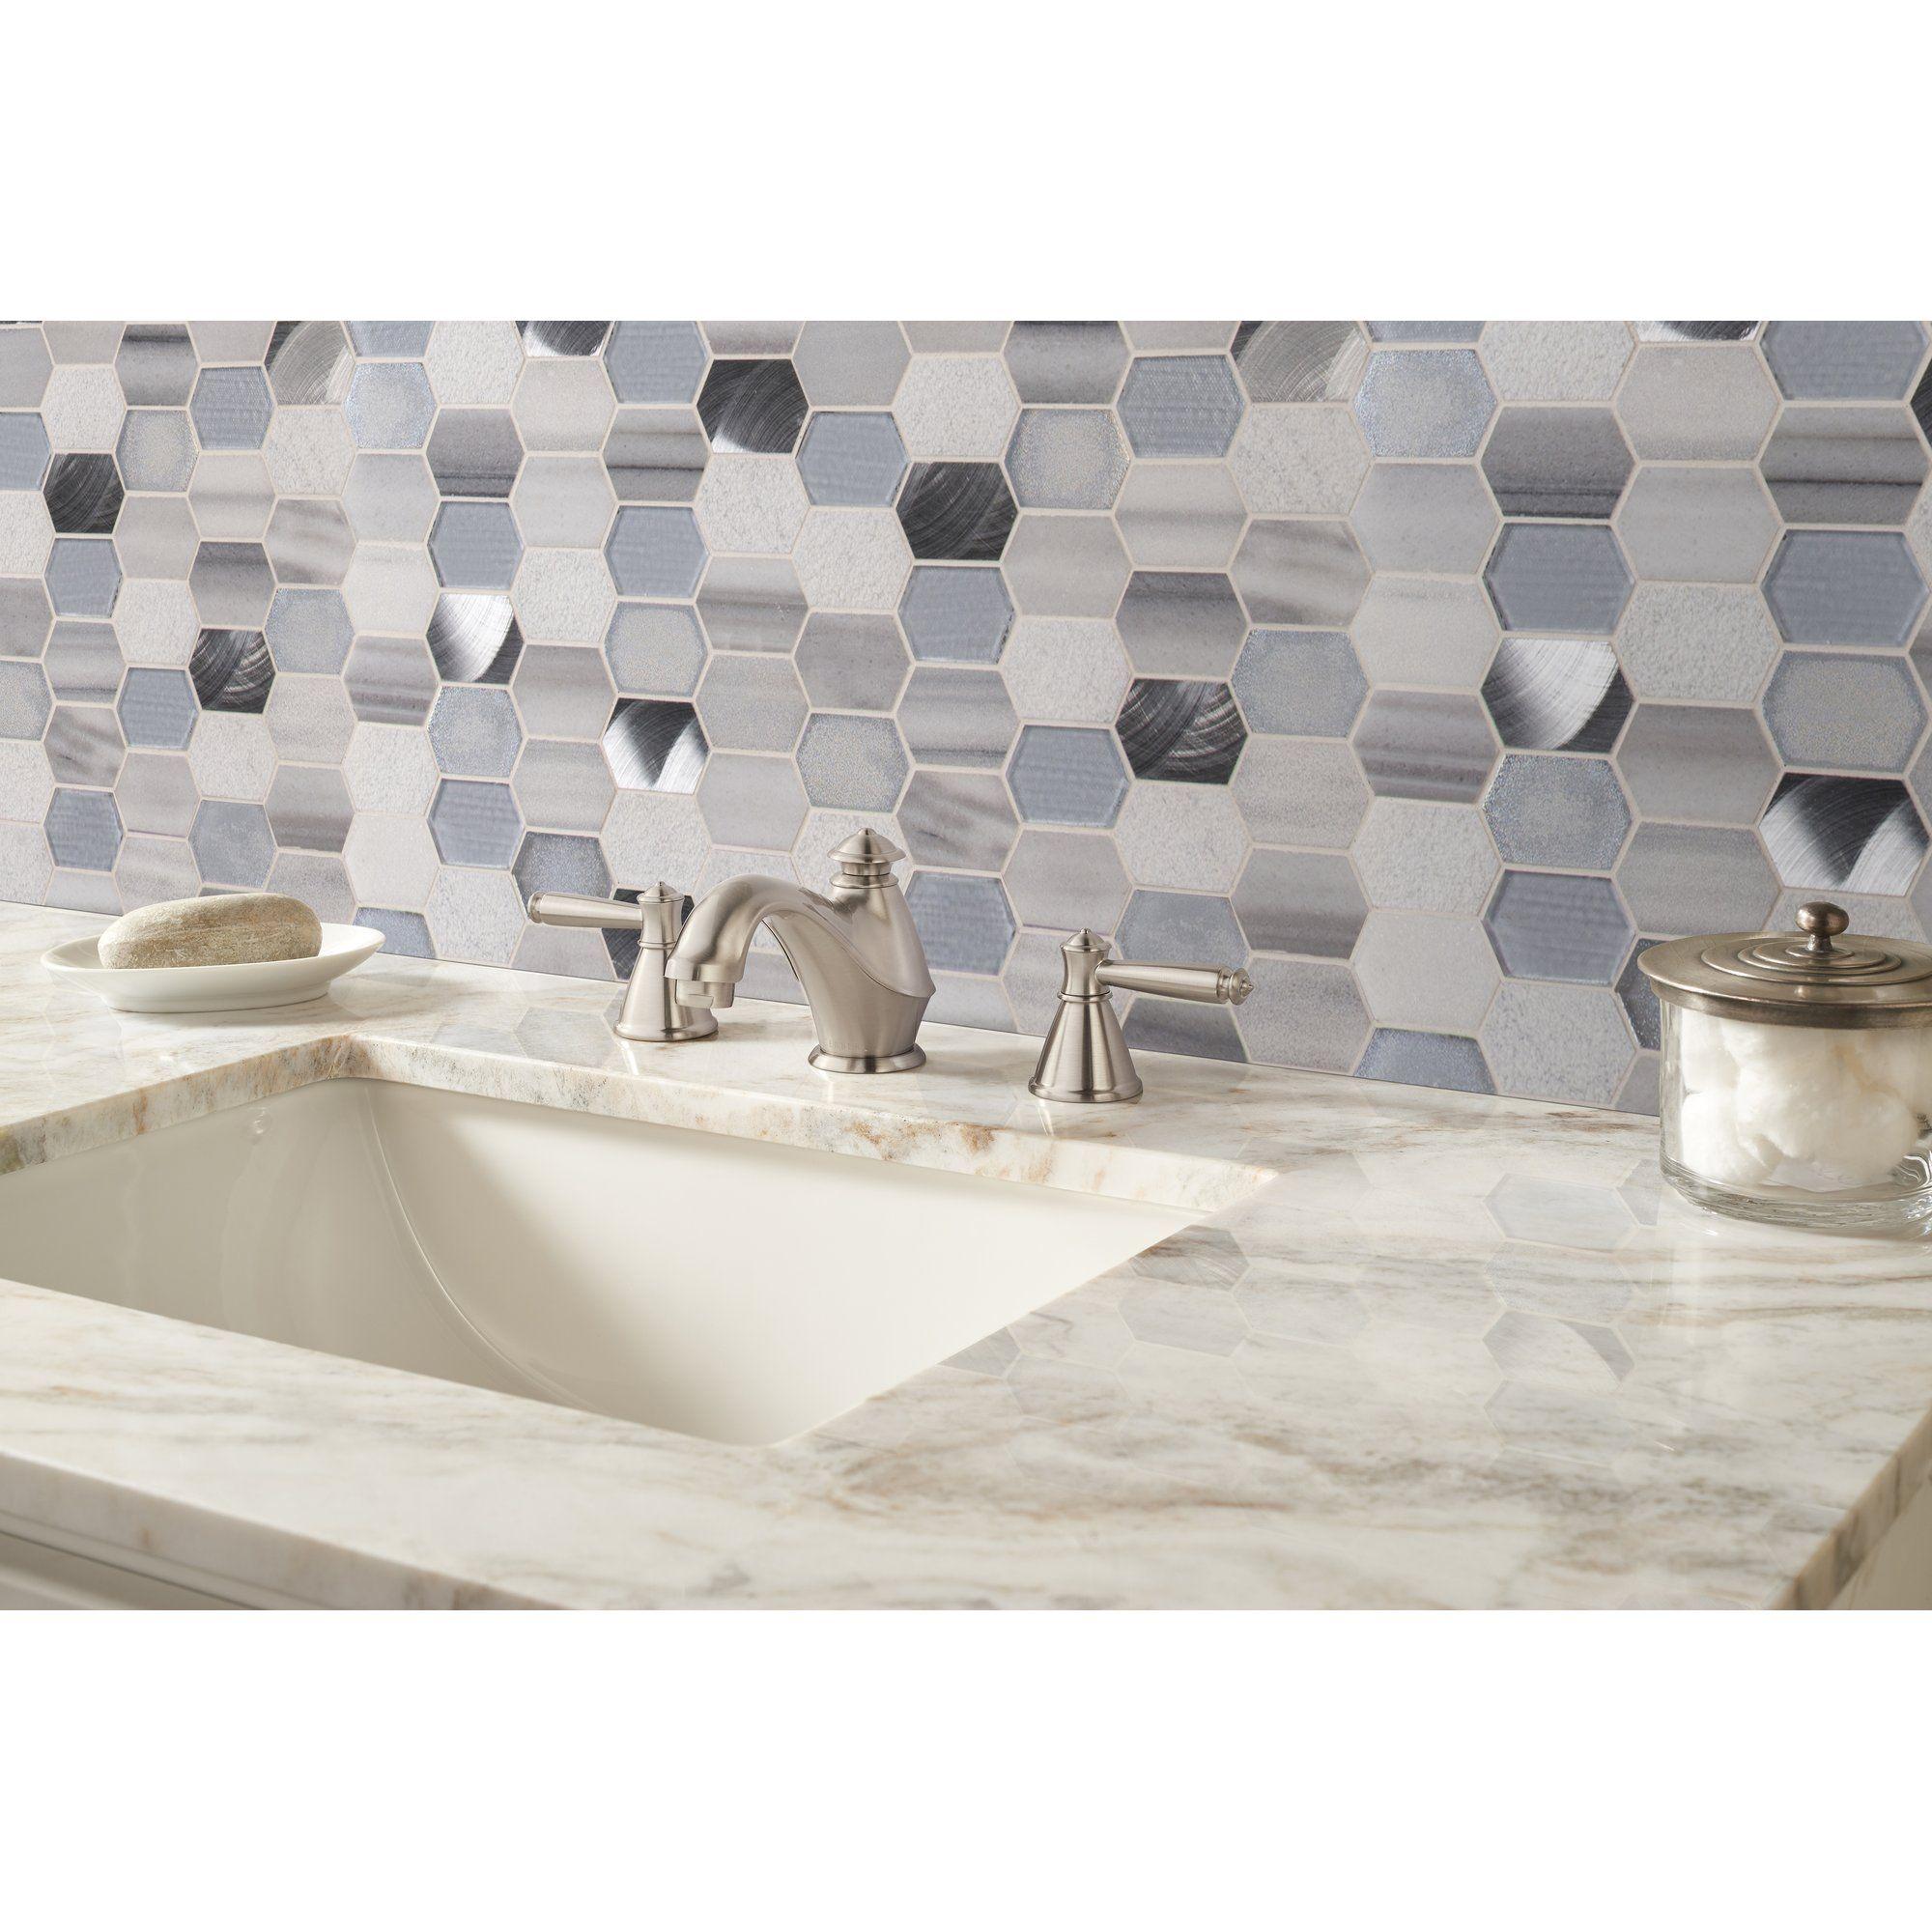 9 Harlow Picket Pattern Glass Stone Mosaic Stone Mosaic Tile Stone Mosaic Mosaic Tiles